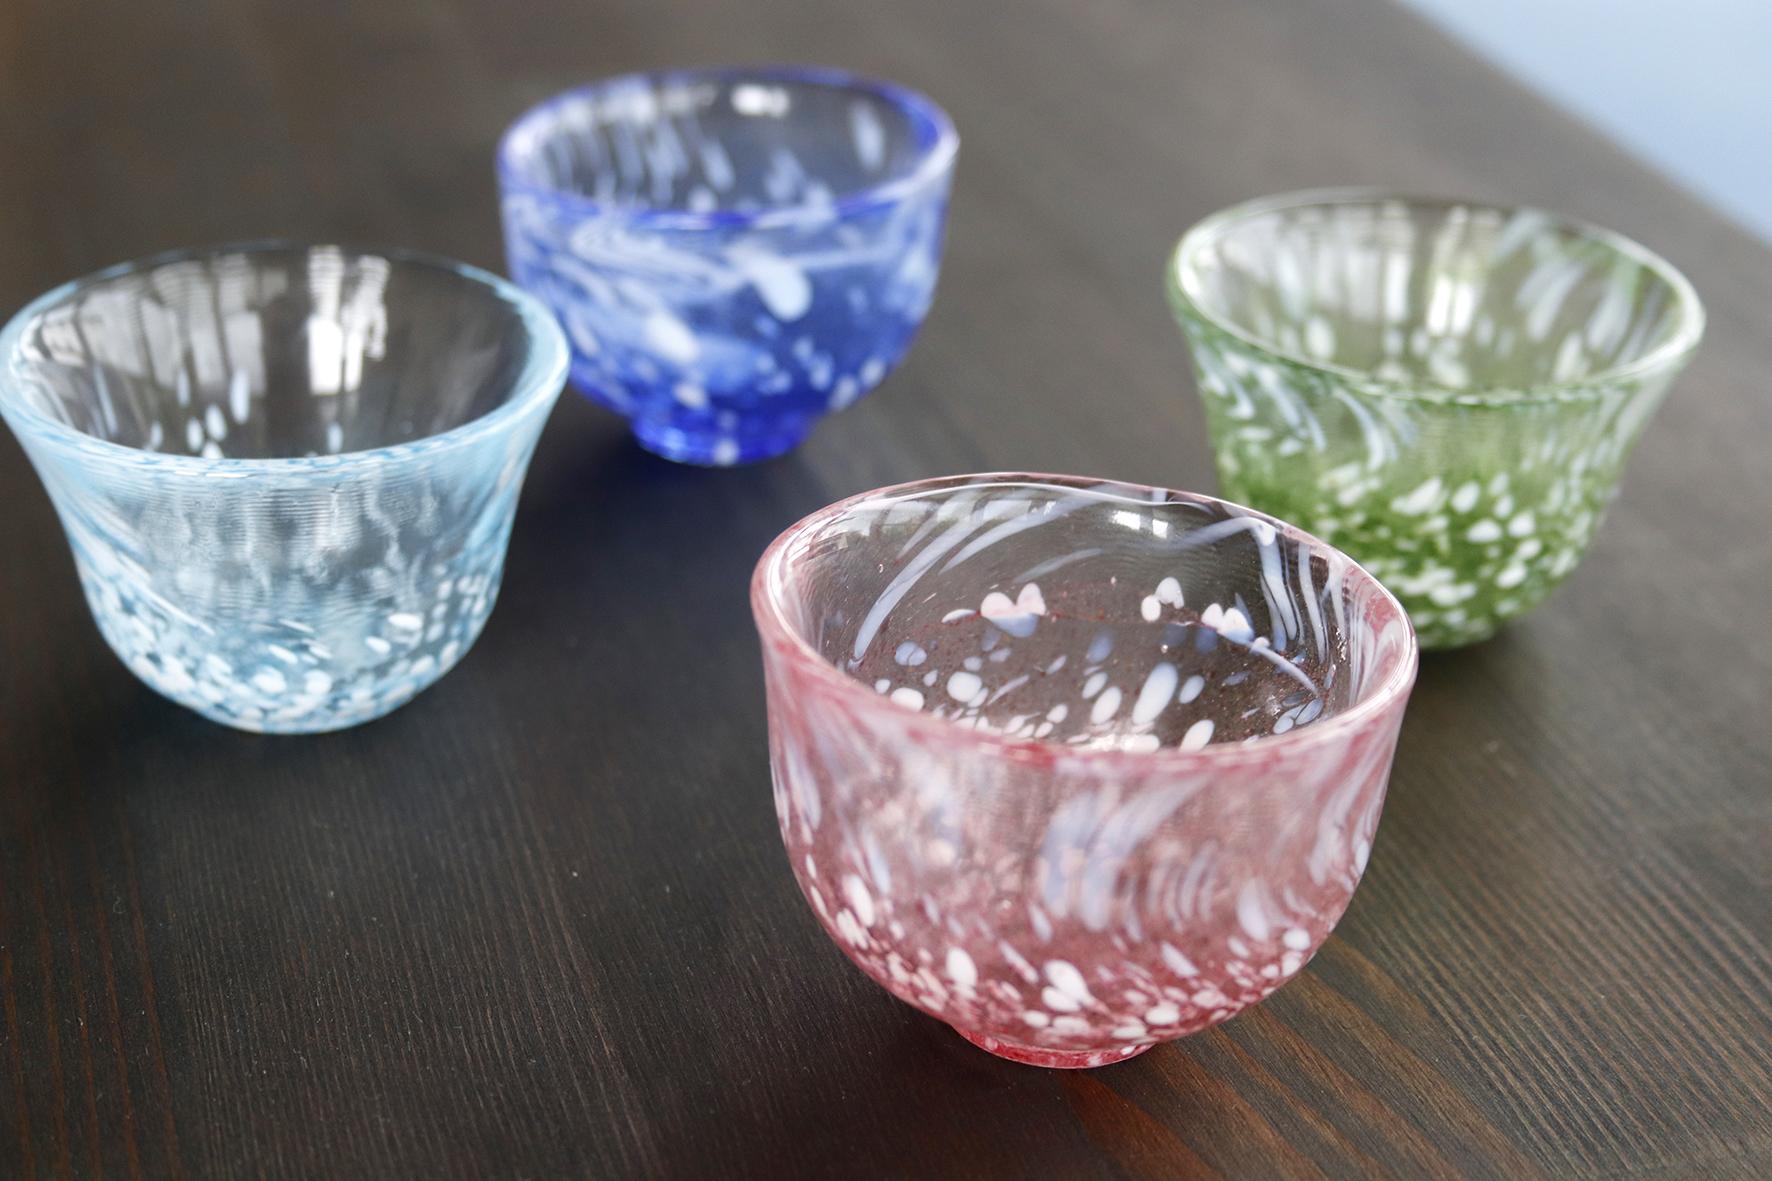 そろえて楽しいガラスの器たち、、、